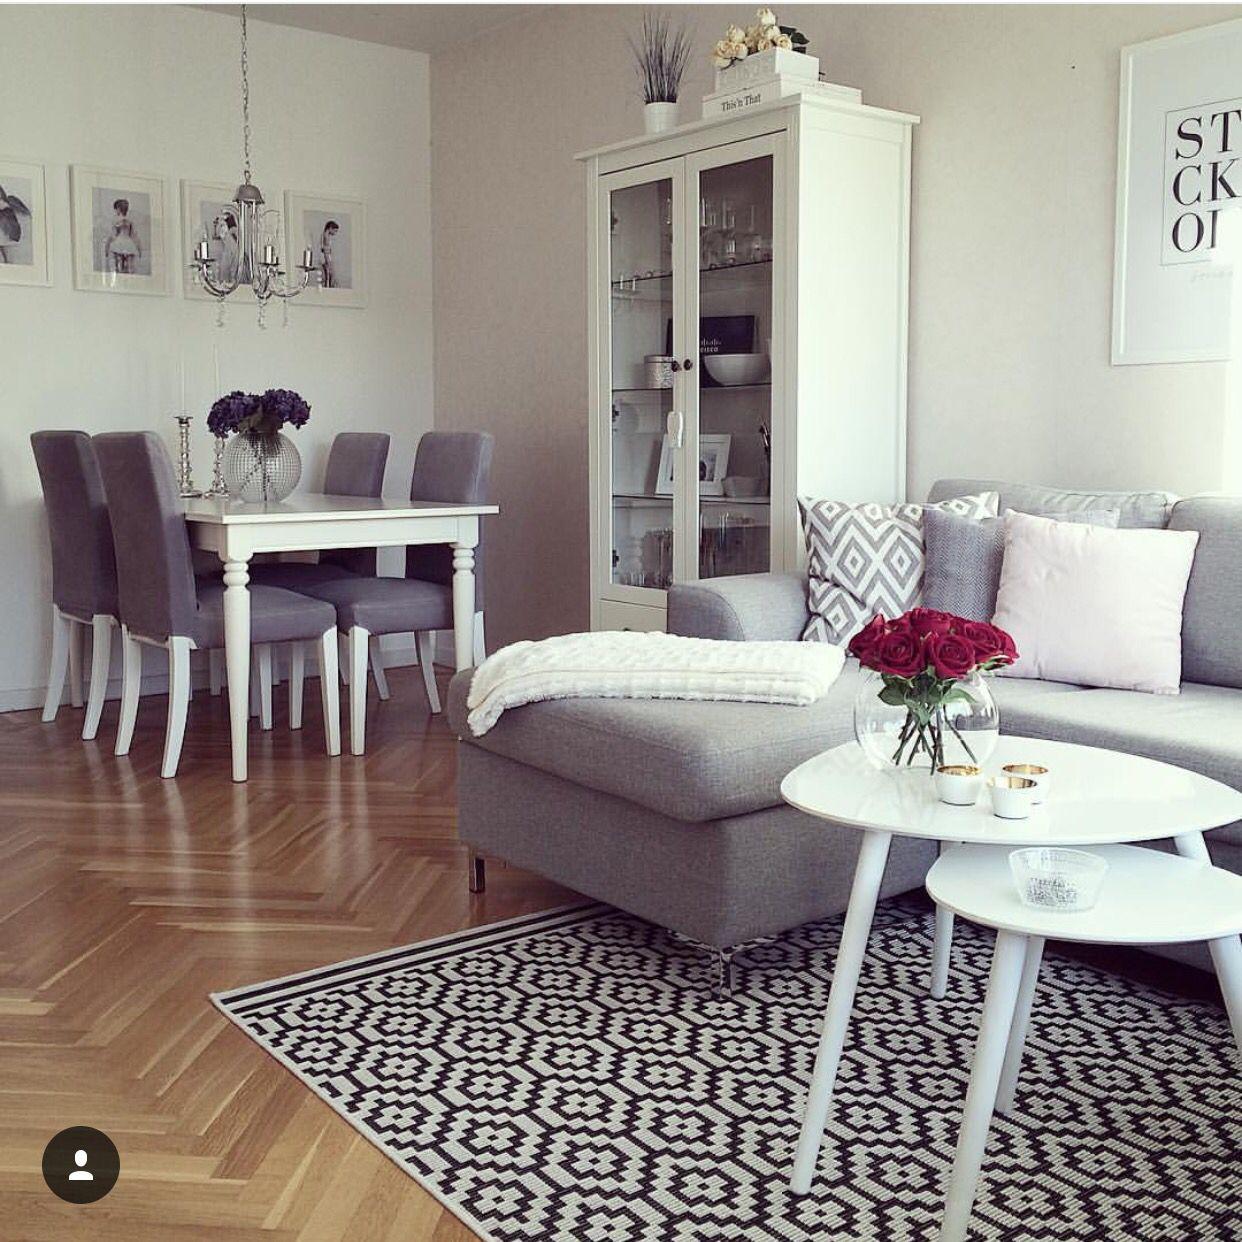 INGATORP Apartment LivingBobsRoom IdeasDining